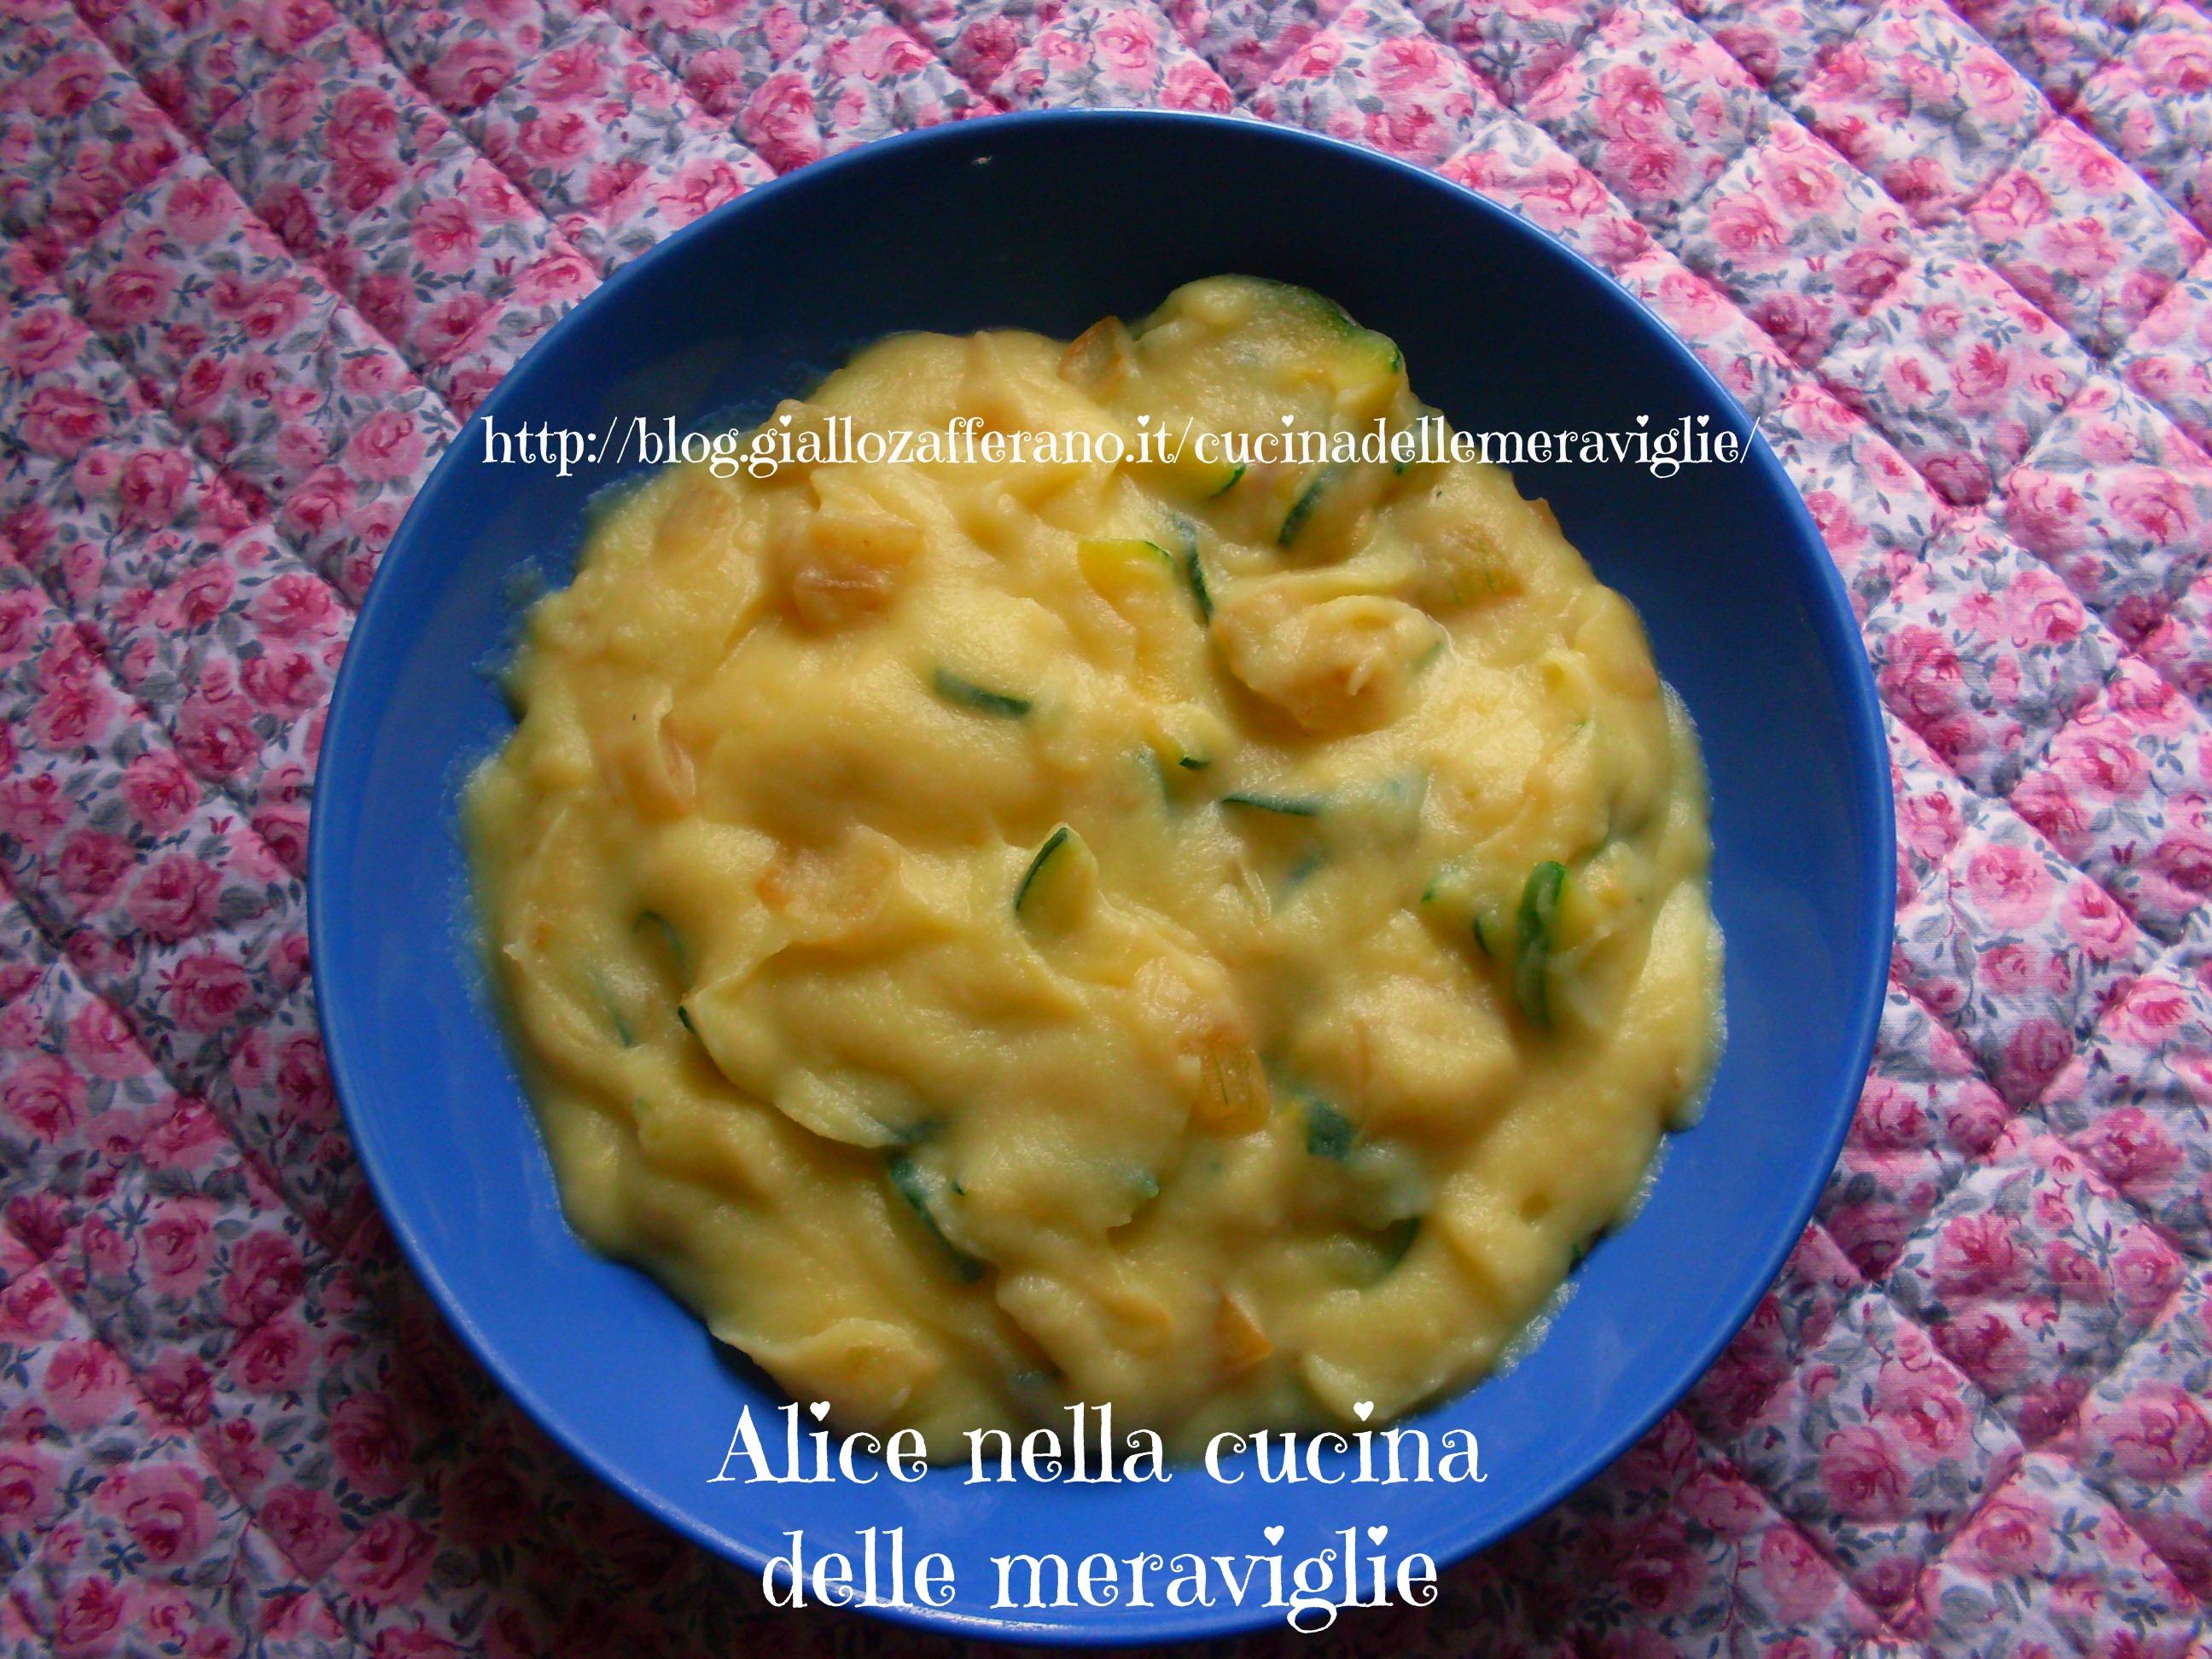 Purè di patate con zucchine e cipolle ricetta semplice Alice nella cucina delle meraviglie